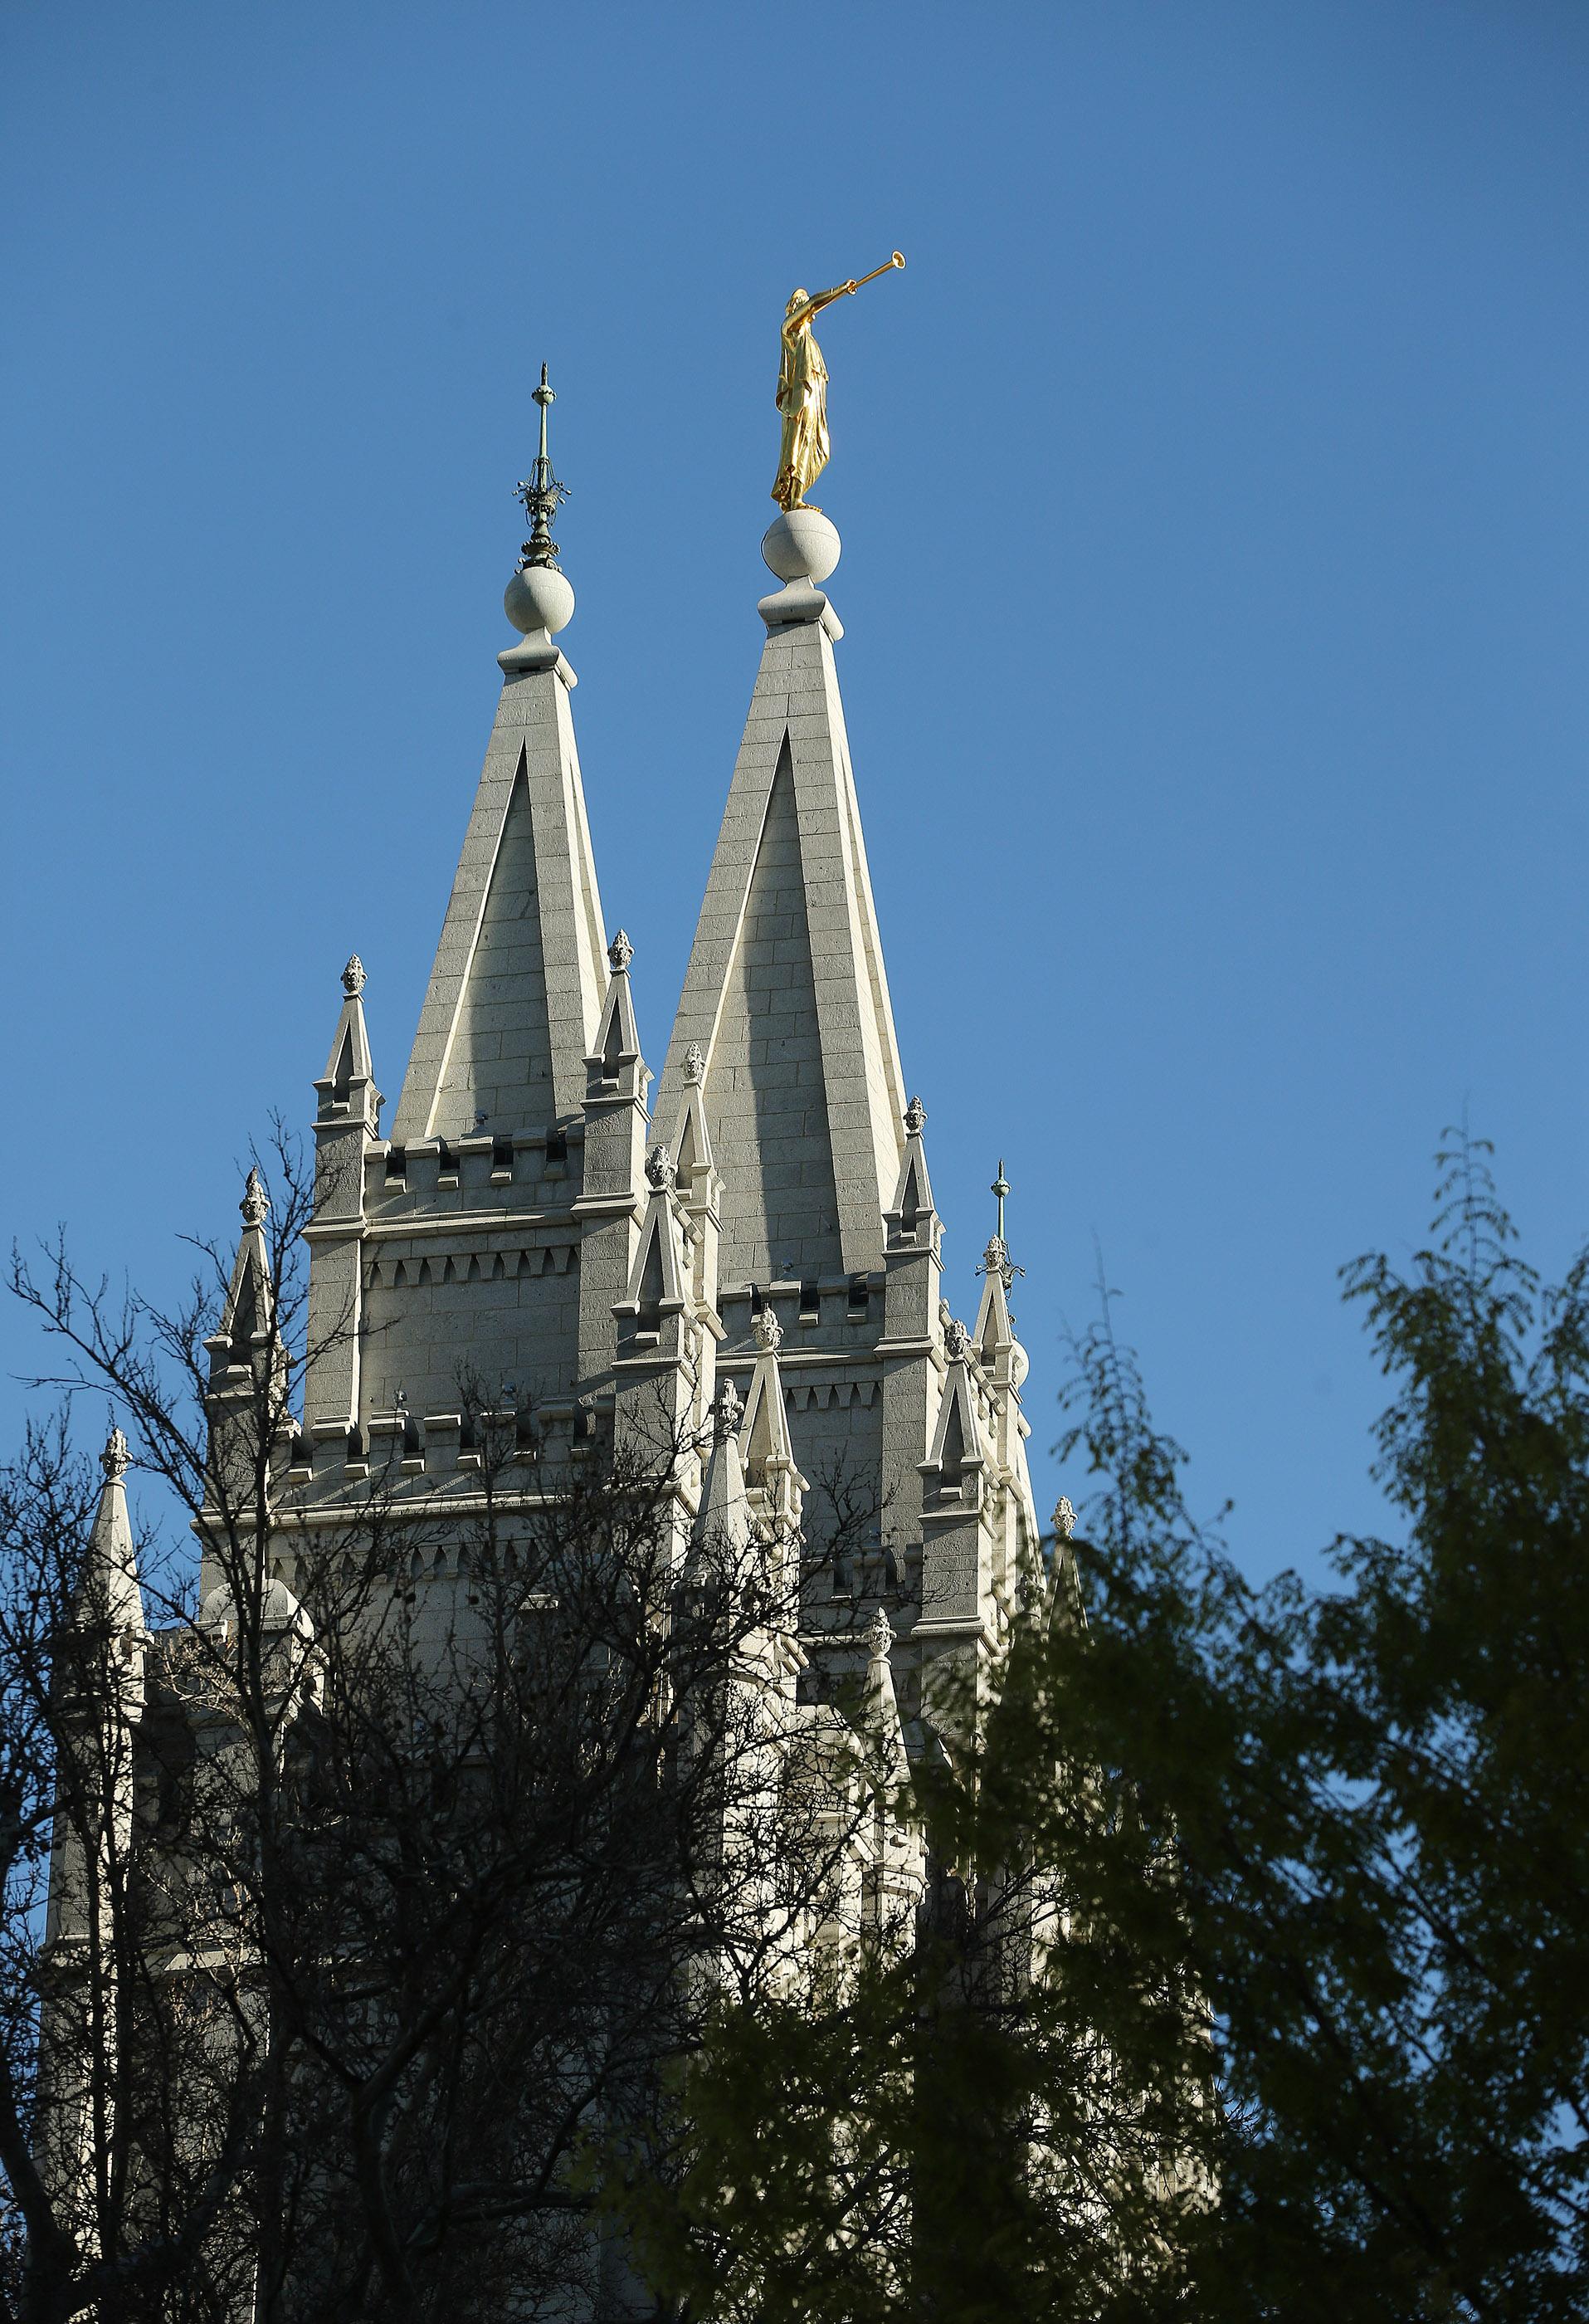 El Templo de Salt Lake en Salt Lake City el viernes 19 de abril de 2019. Los oficiales de la Iglesia de Jesucristo de los Santos de los Últimos Días anunciaron los planes de renovación para el templo y sus jardines.